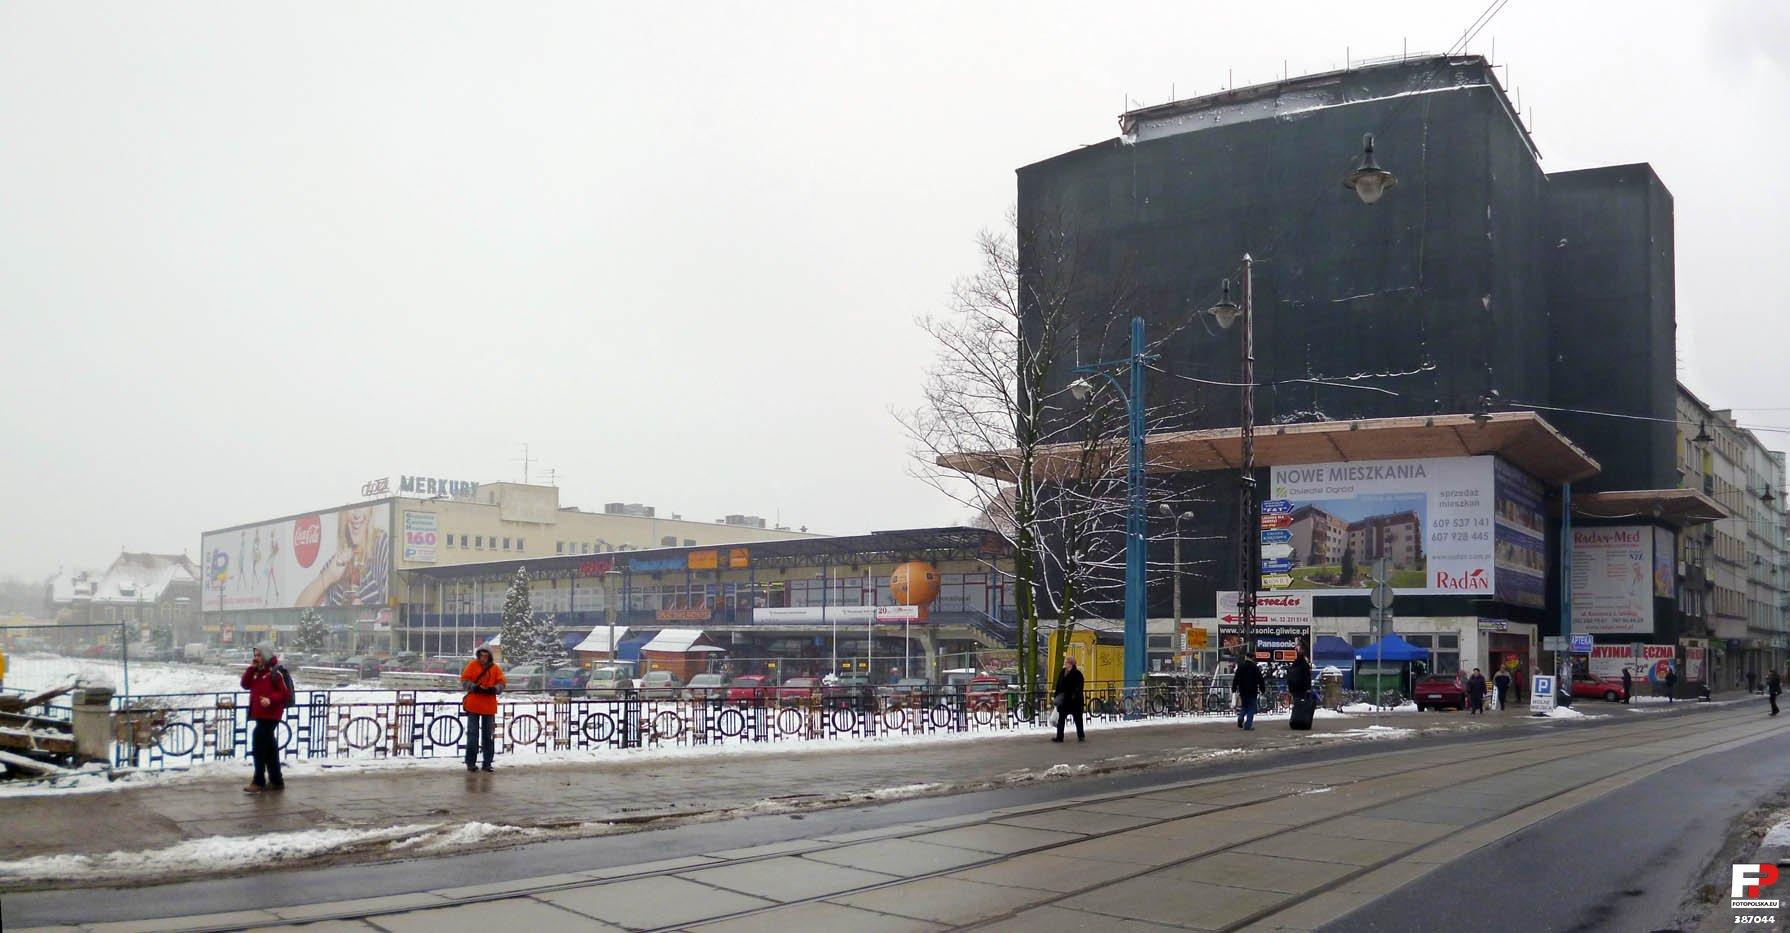 Gliwickie Centrum Handlowe Gliwice Zdjęcia